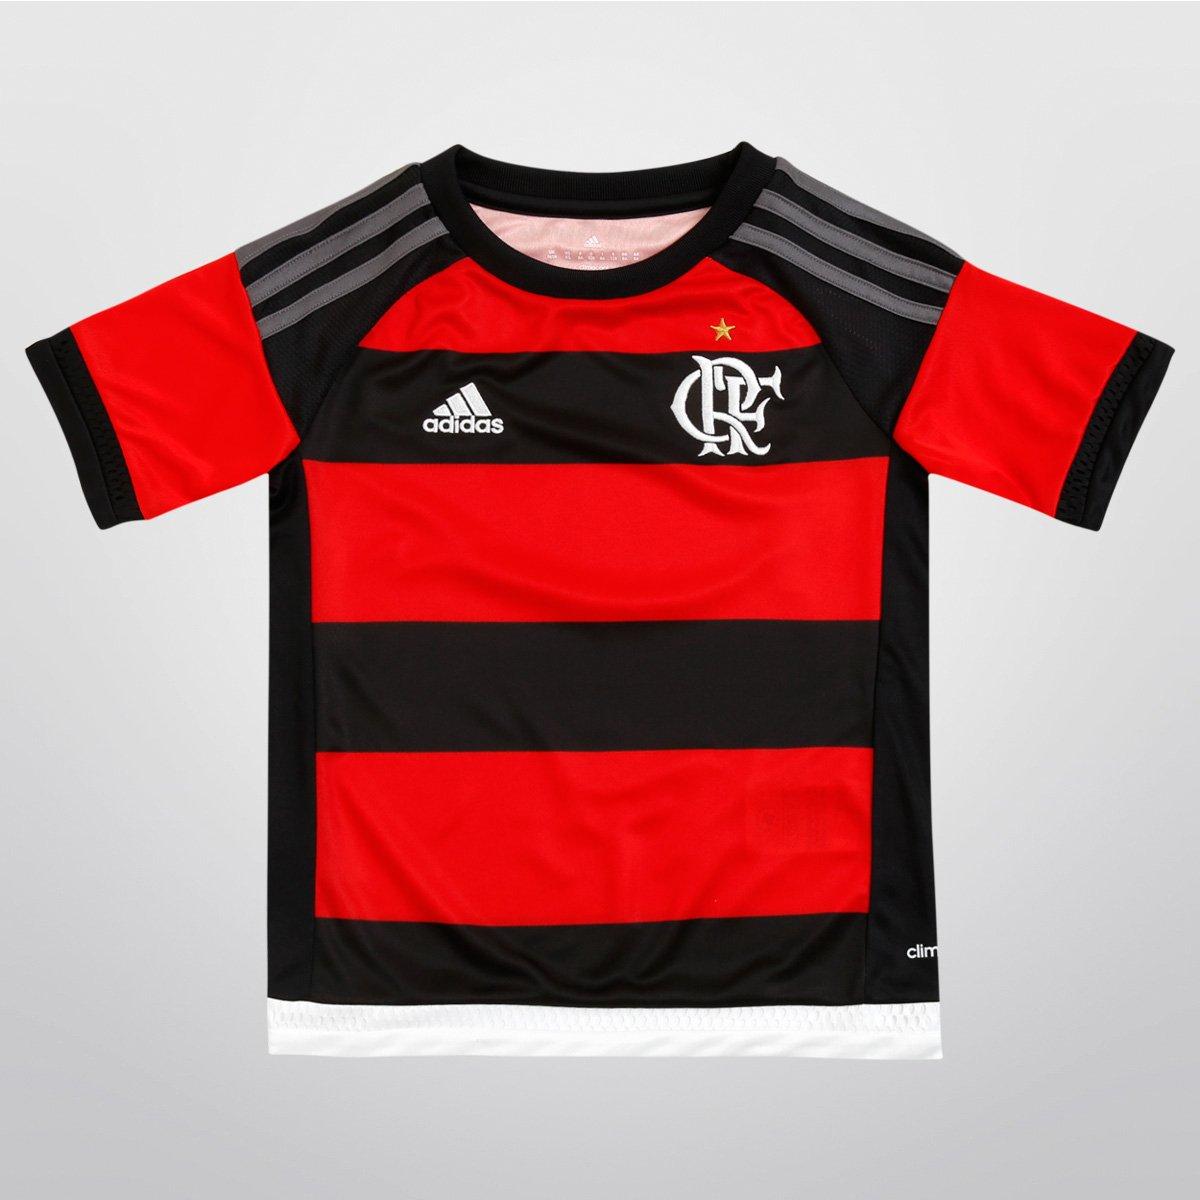 Camisa Adidas Flamengo I 15 16 s nº Infantil - Compre Agora  45bd50ff200e1